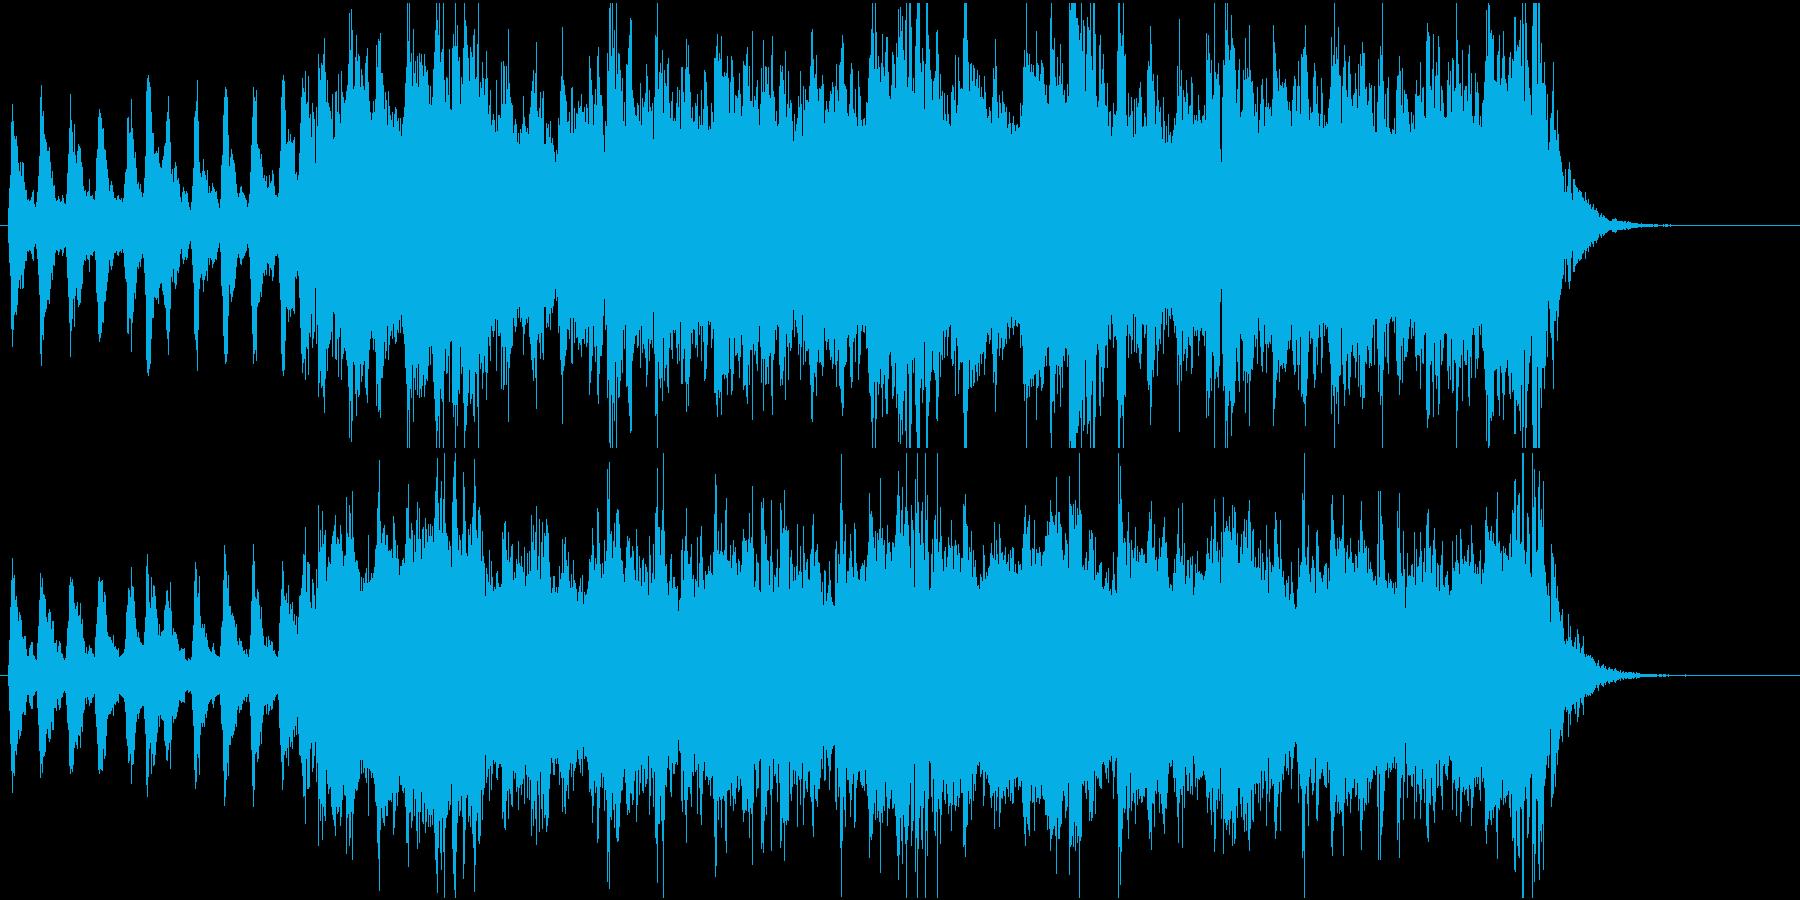 映画予告編風激しめのオーケストラの再生済みの波形